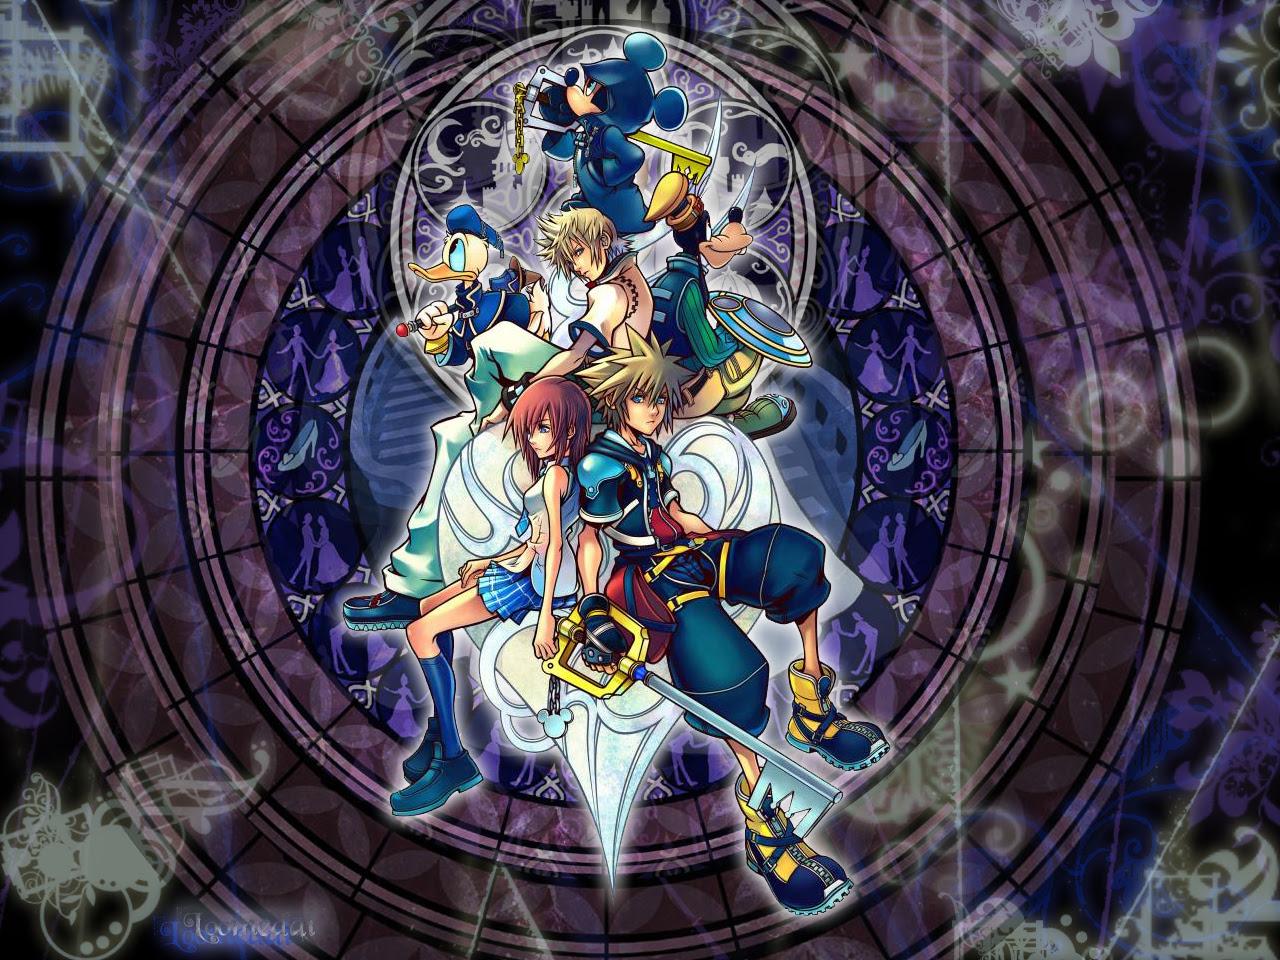 Kingdom Hearts Hd Wallpaper 1280x960 52462